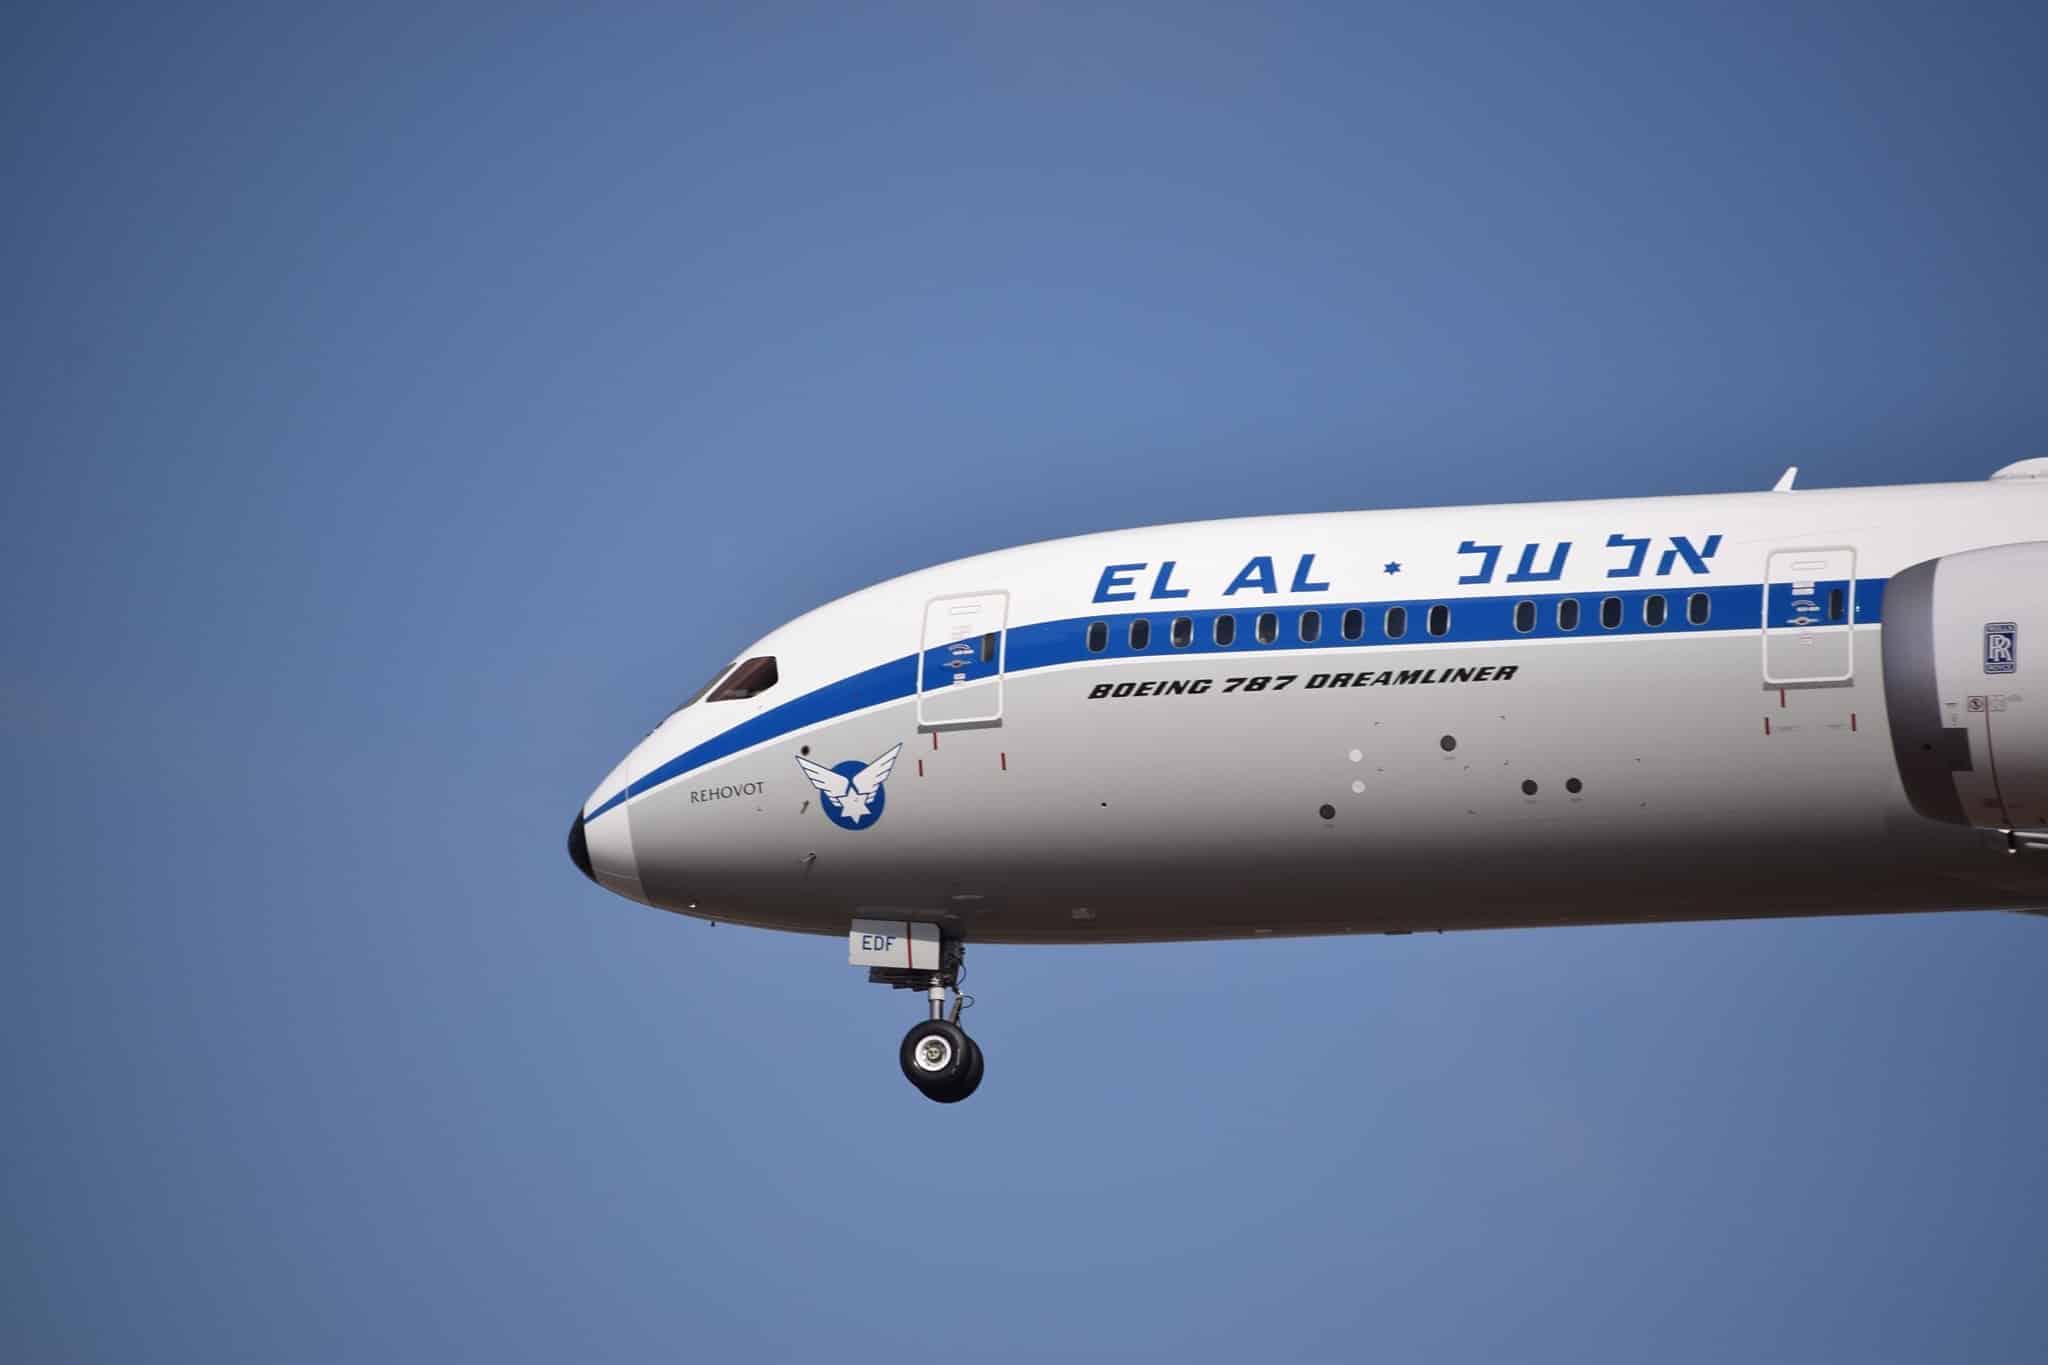 Boeing-787-9-EL-AL-retro-livery